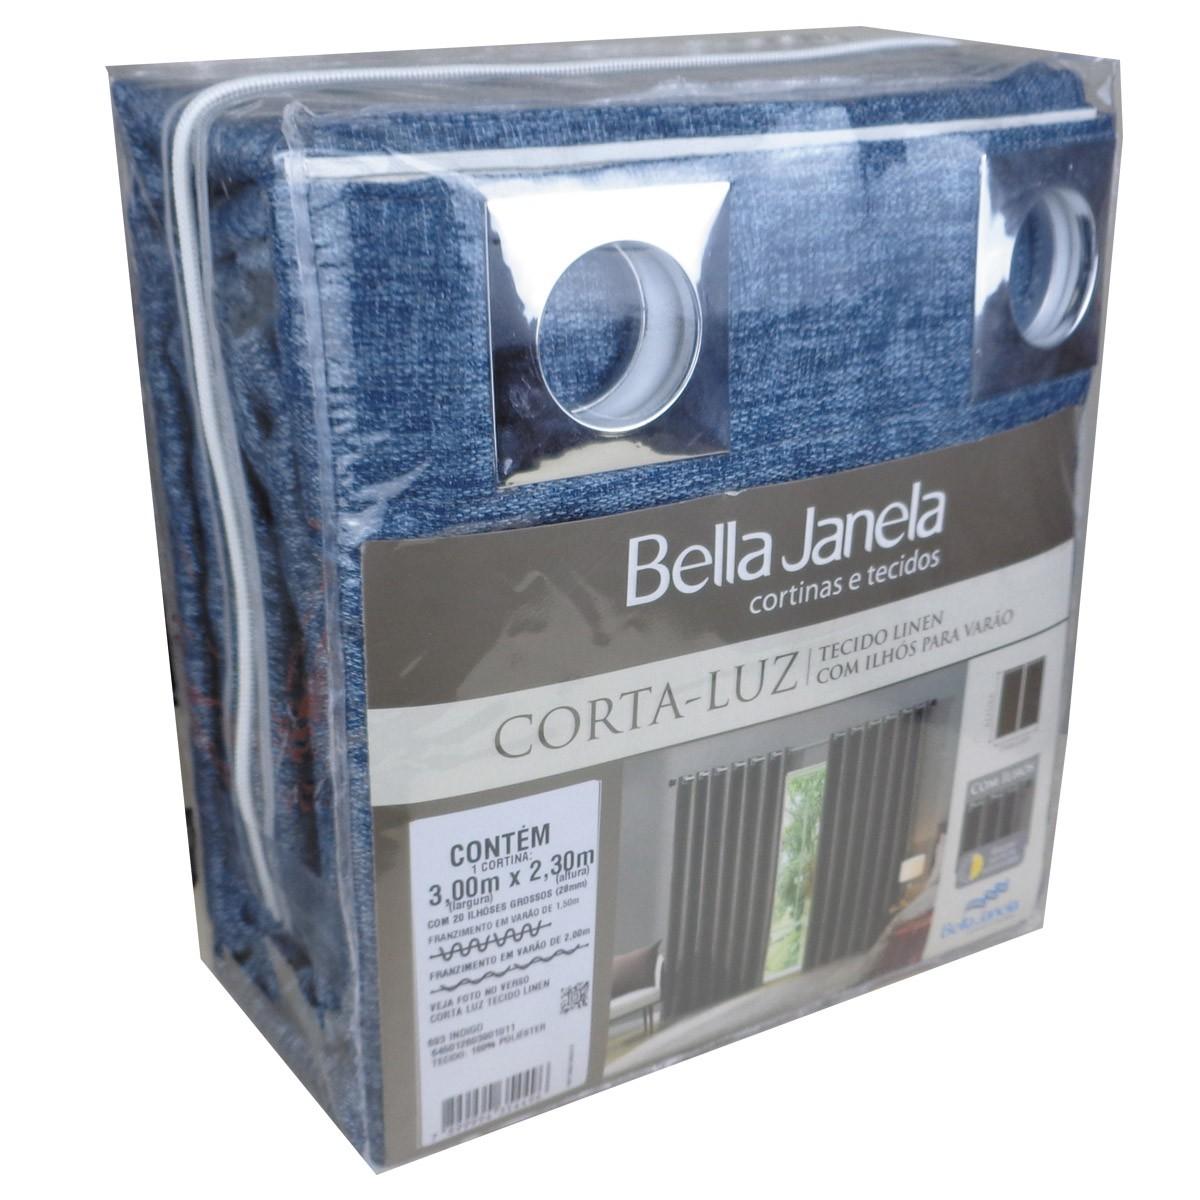 Cortina Blackout Tecido Linen Indigo 3,00 x 2,30 Bella Janela